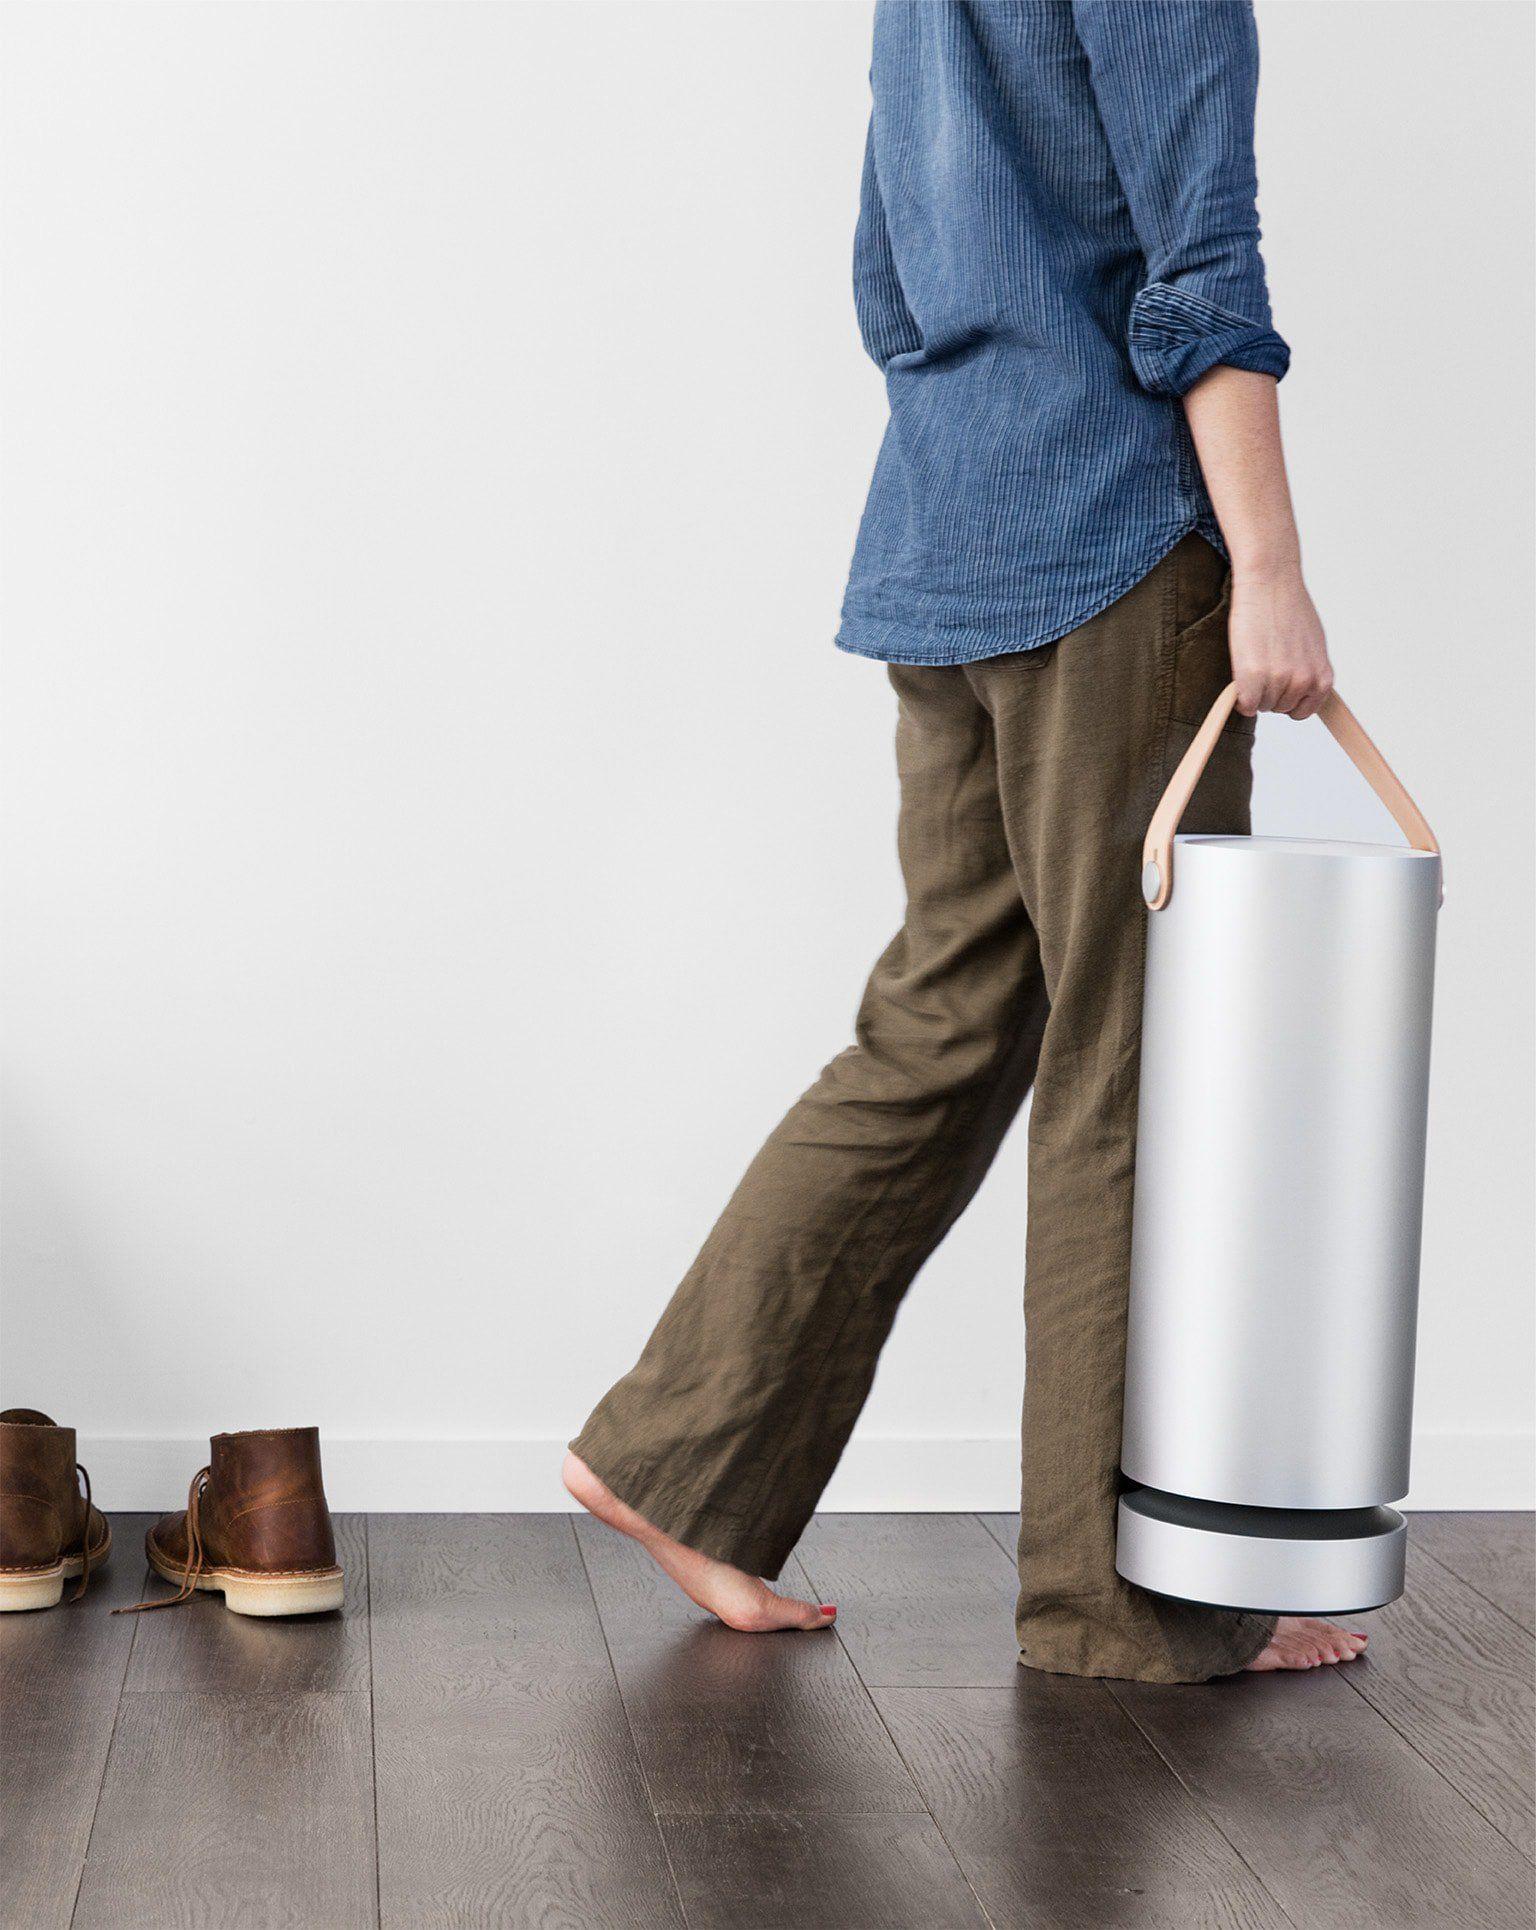 Air Purification, Reinvented Air purifier